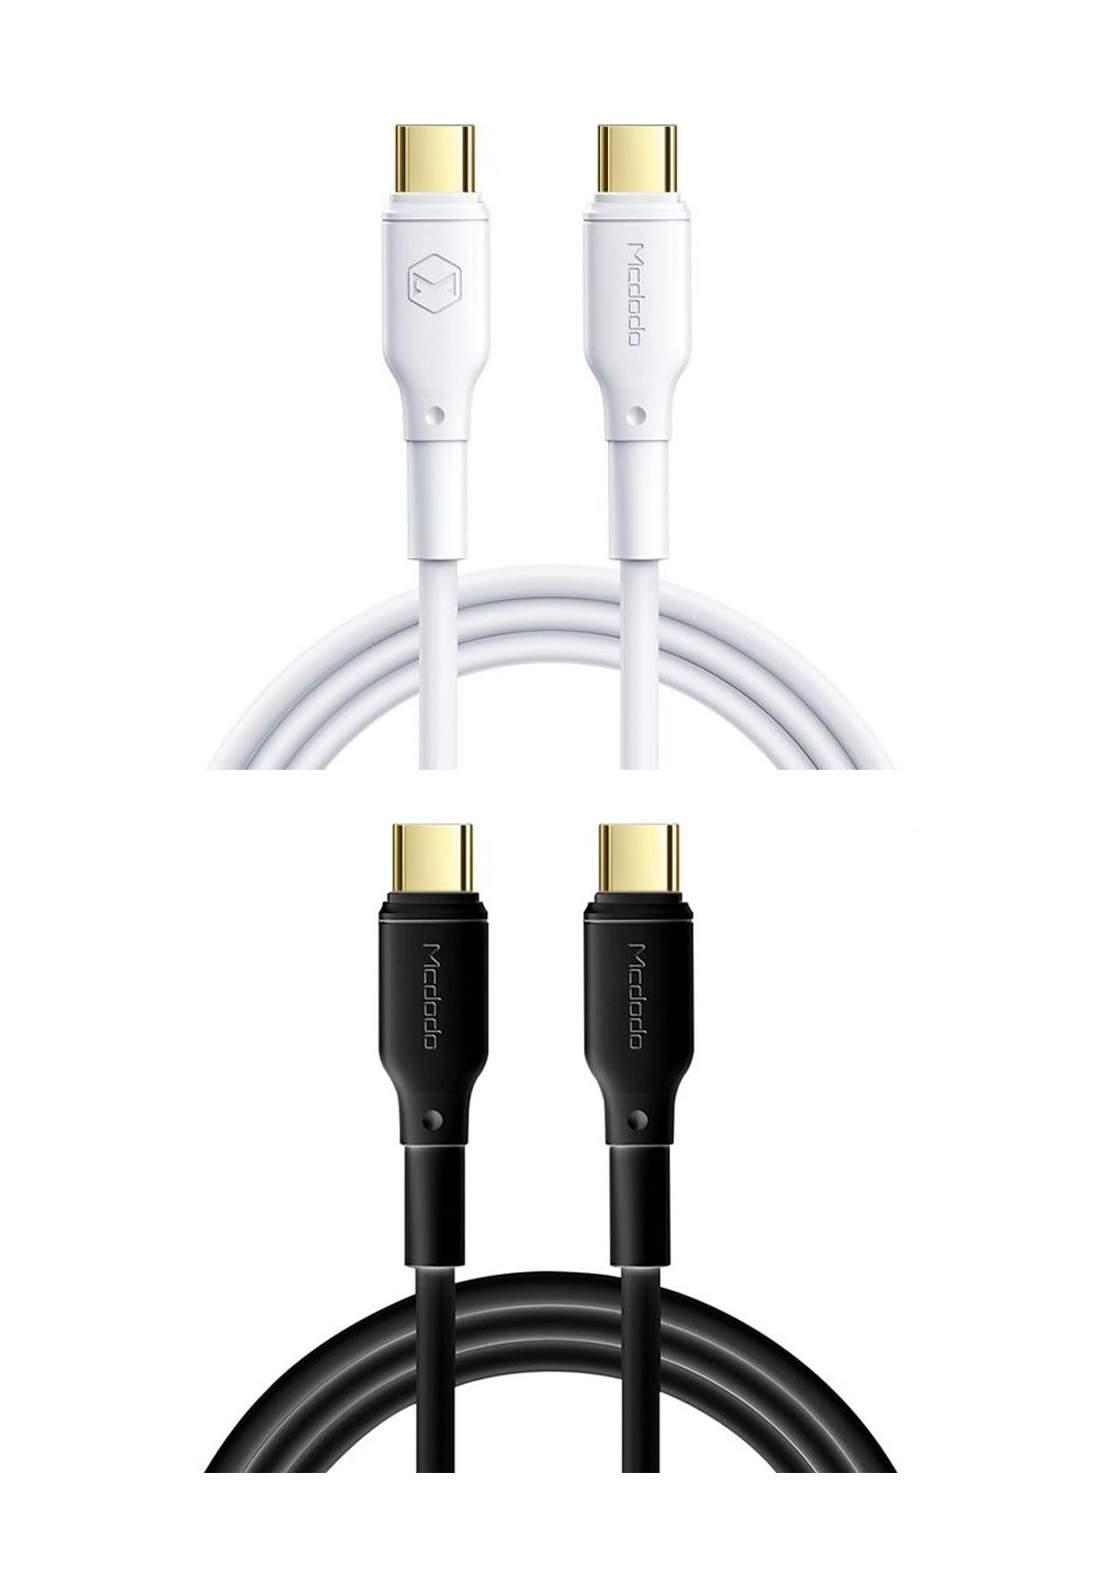 Mcdodo 100W USB Type-C to Type-C Cable 2m كابل